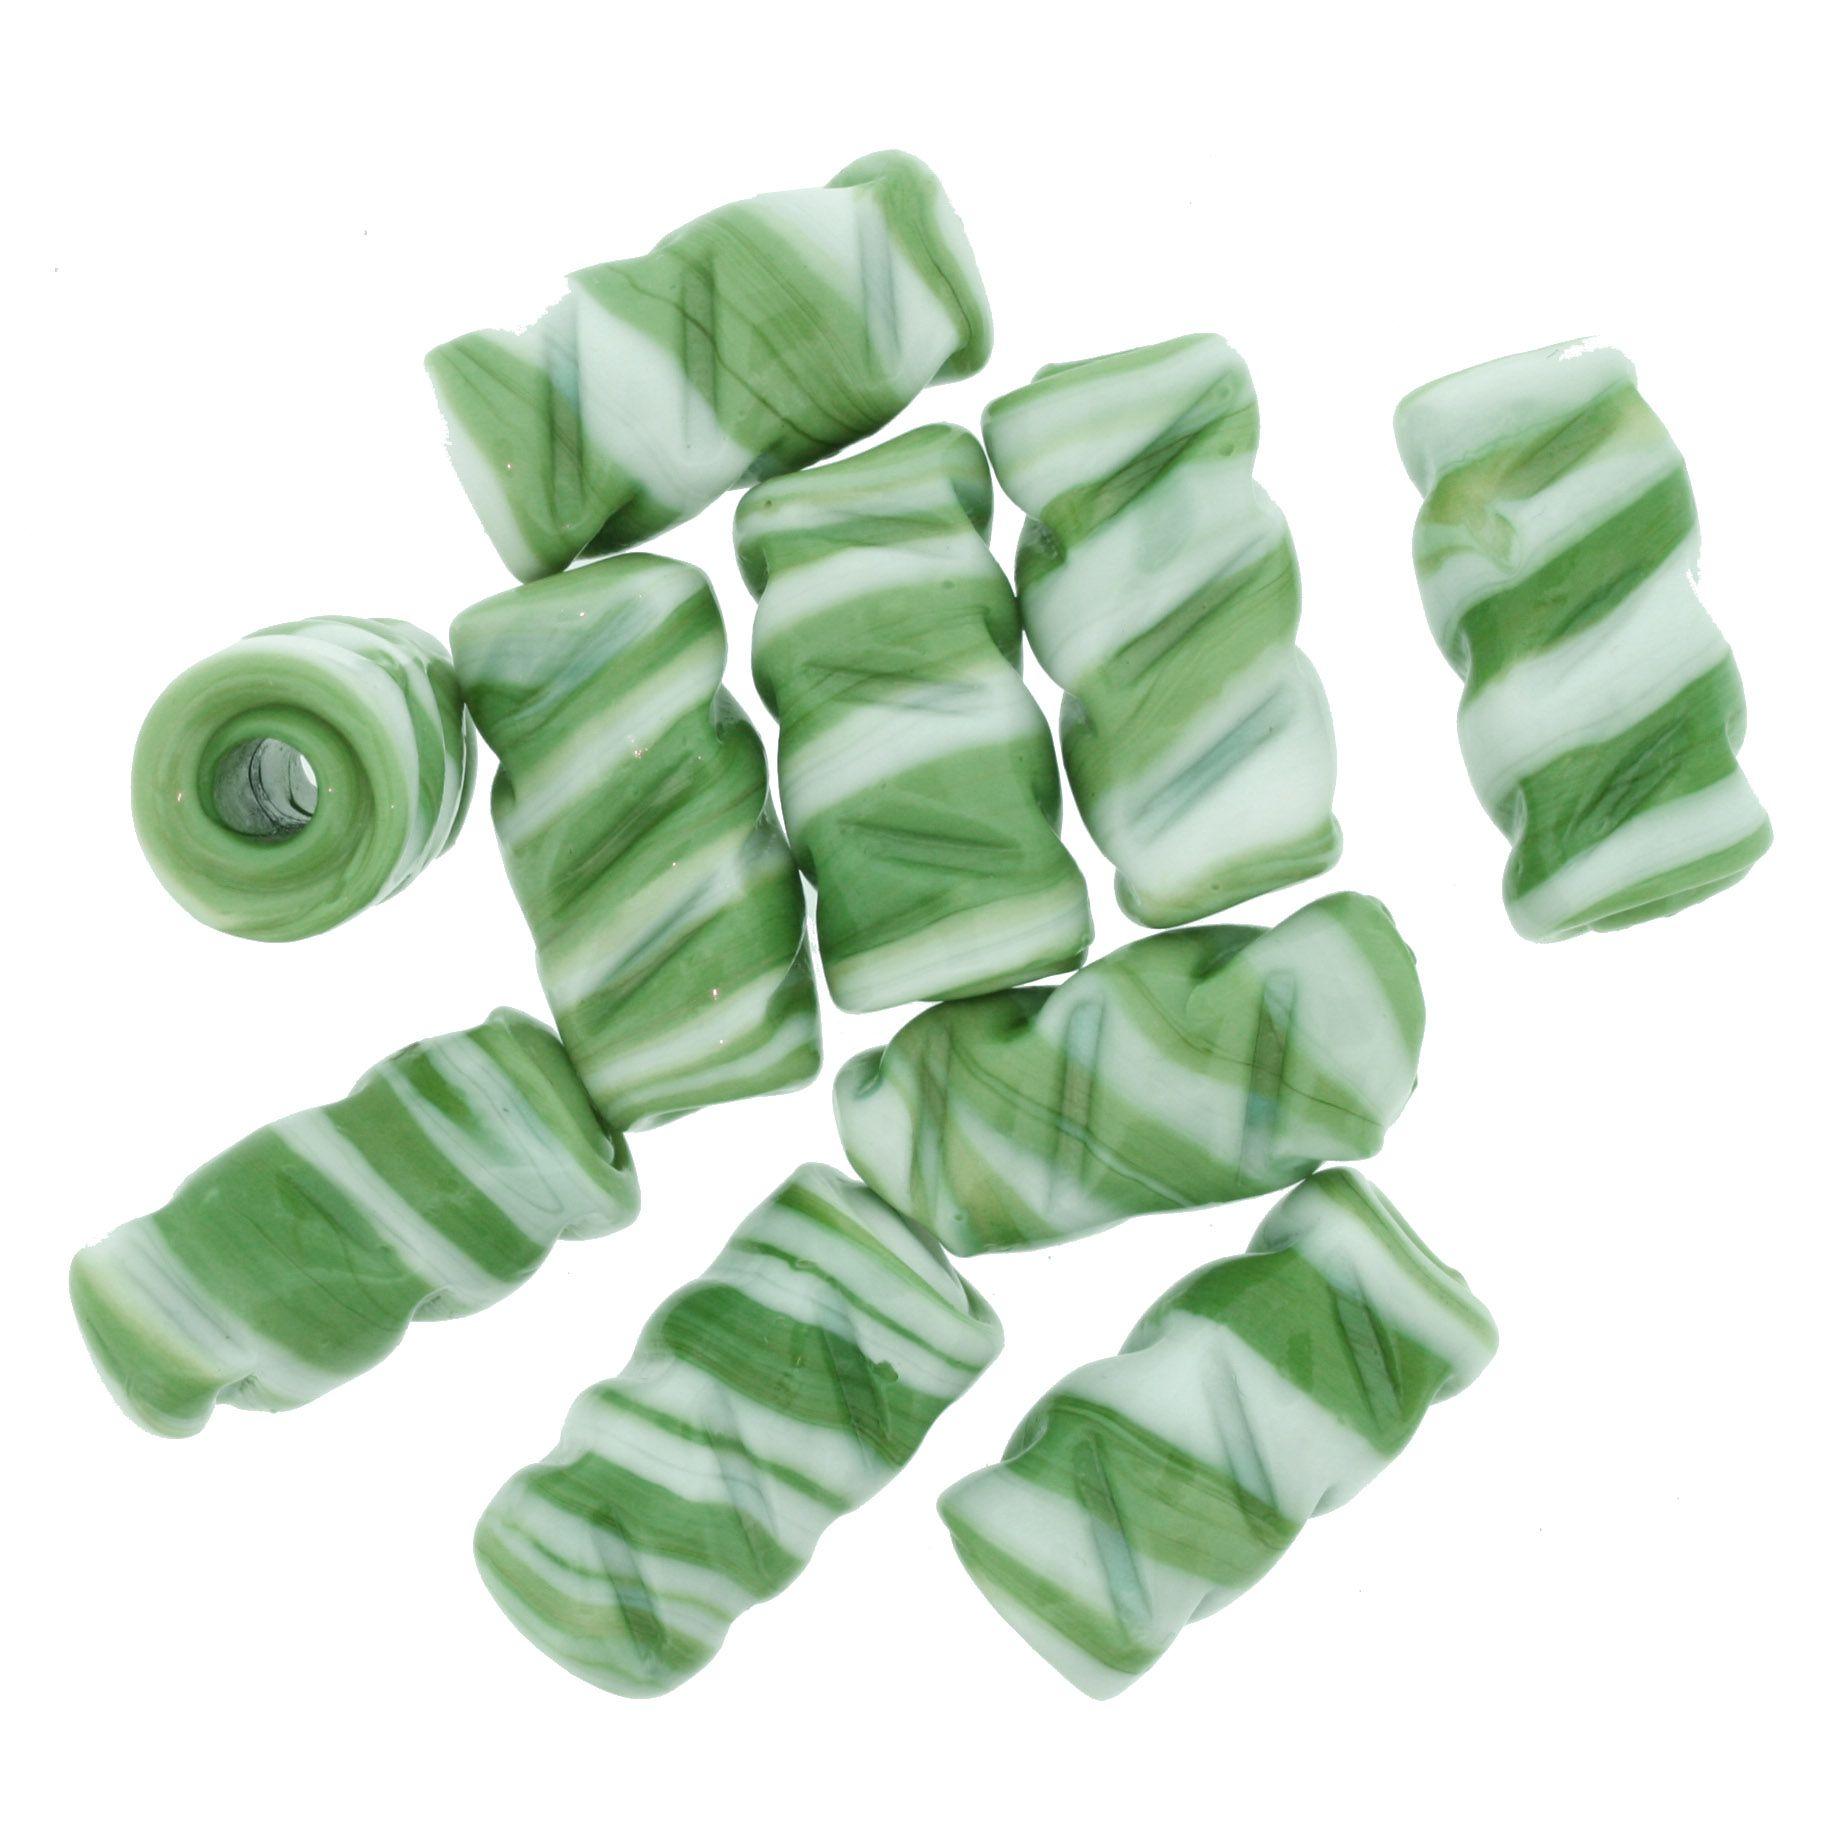 Firma Frisada - Branca e Verde  - Stéphanie Bijoux® - Peças para Bijuterias e Artesanato